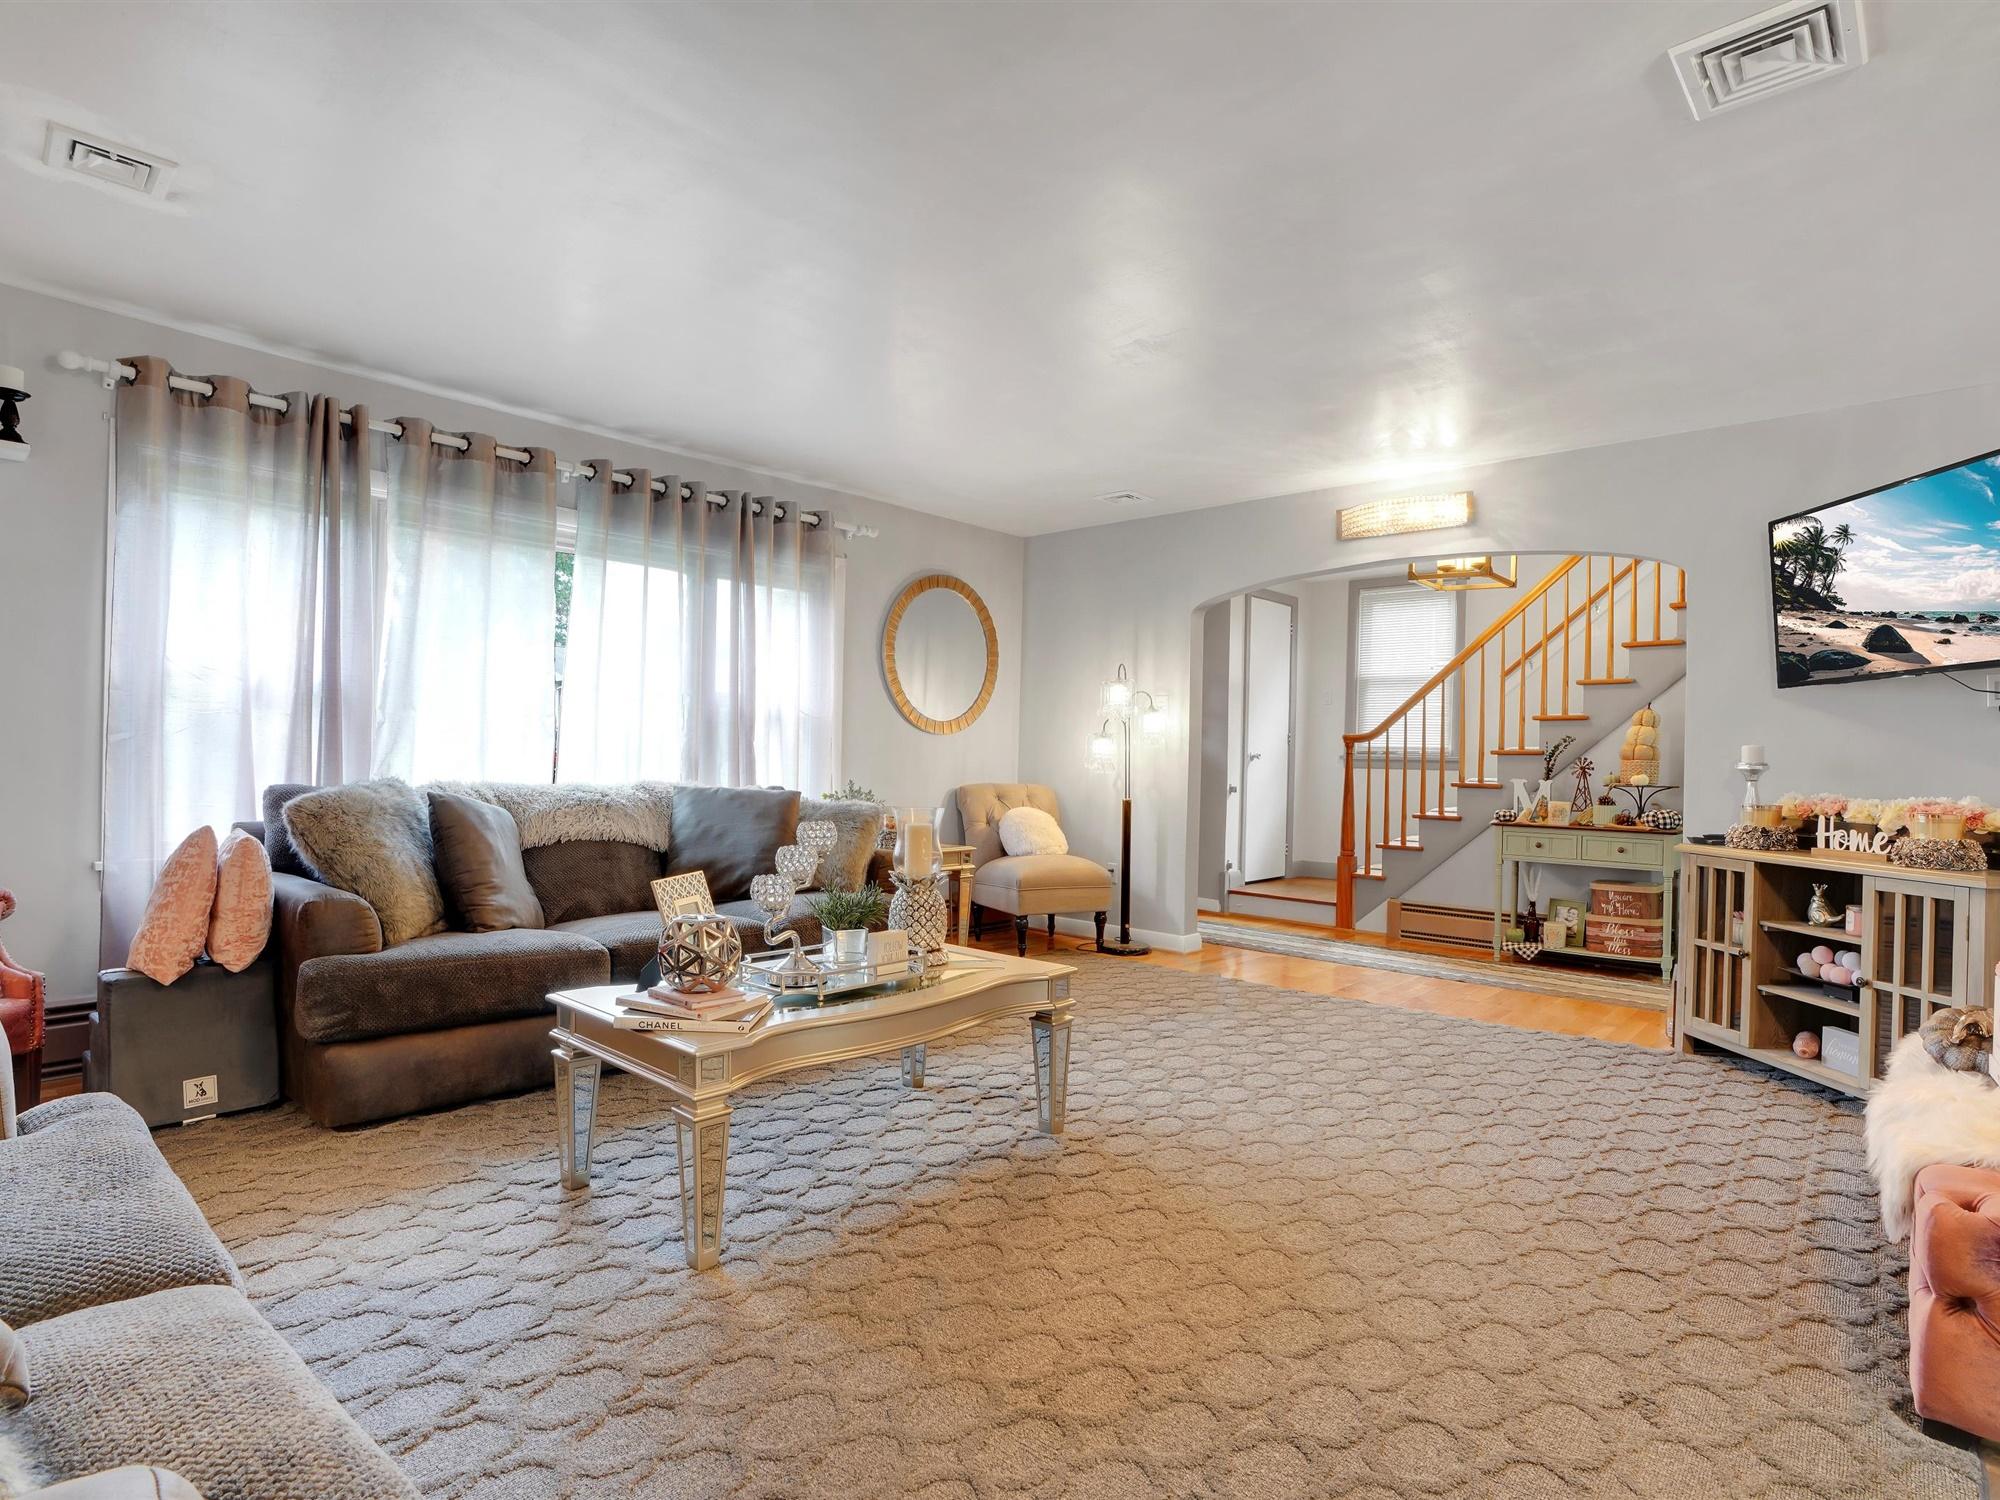 2022 Kline St - Living room